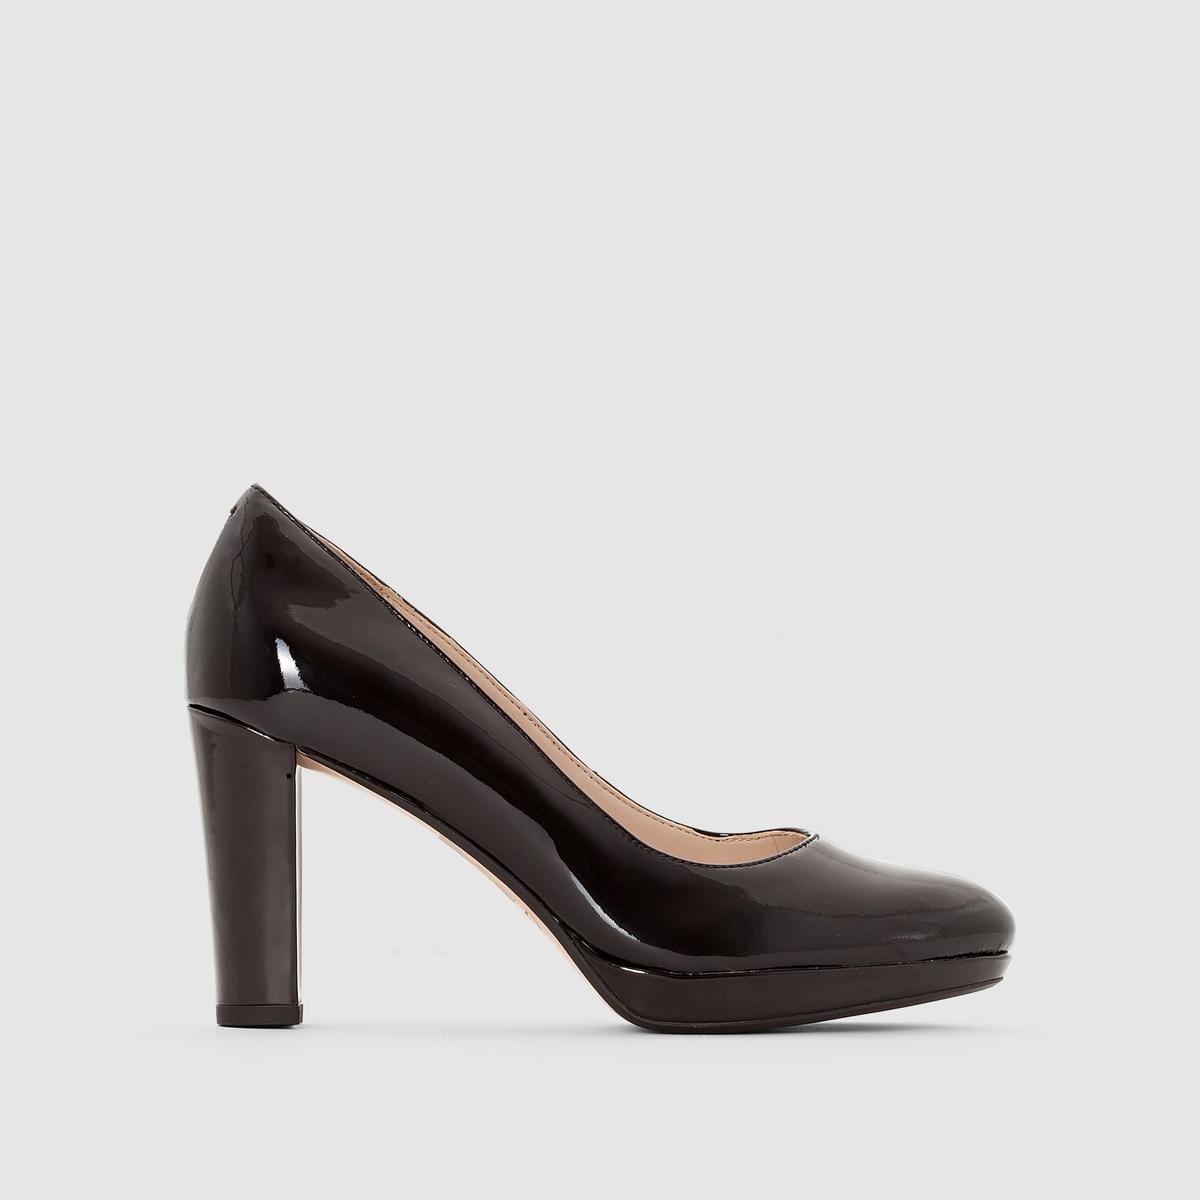 Туфли лаковые на каблуке, KENDRA SIENNAПодкладка: Синтетический материал.       Стелька: Кожа.   Подошва: Каучук.                        Высота каблука: 8 см.Форма каблука: Широкая.   Мысок: Круглый.    Застежка: Без застежки.<br><br>Цвет: Черный лак